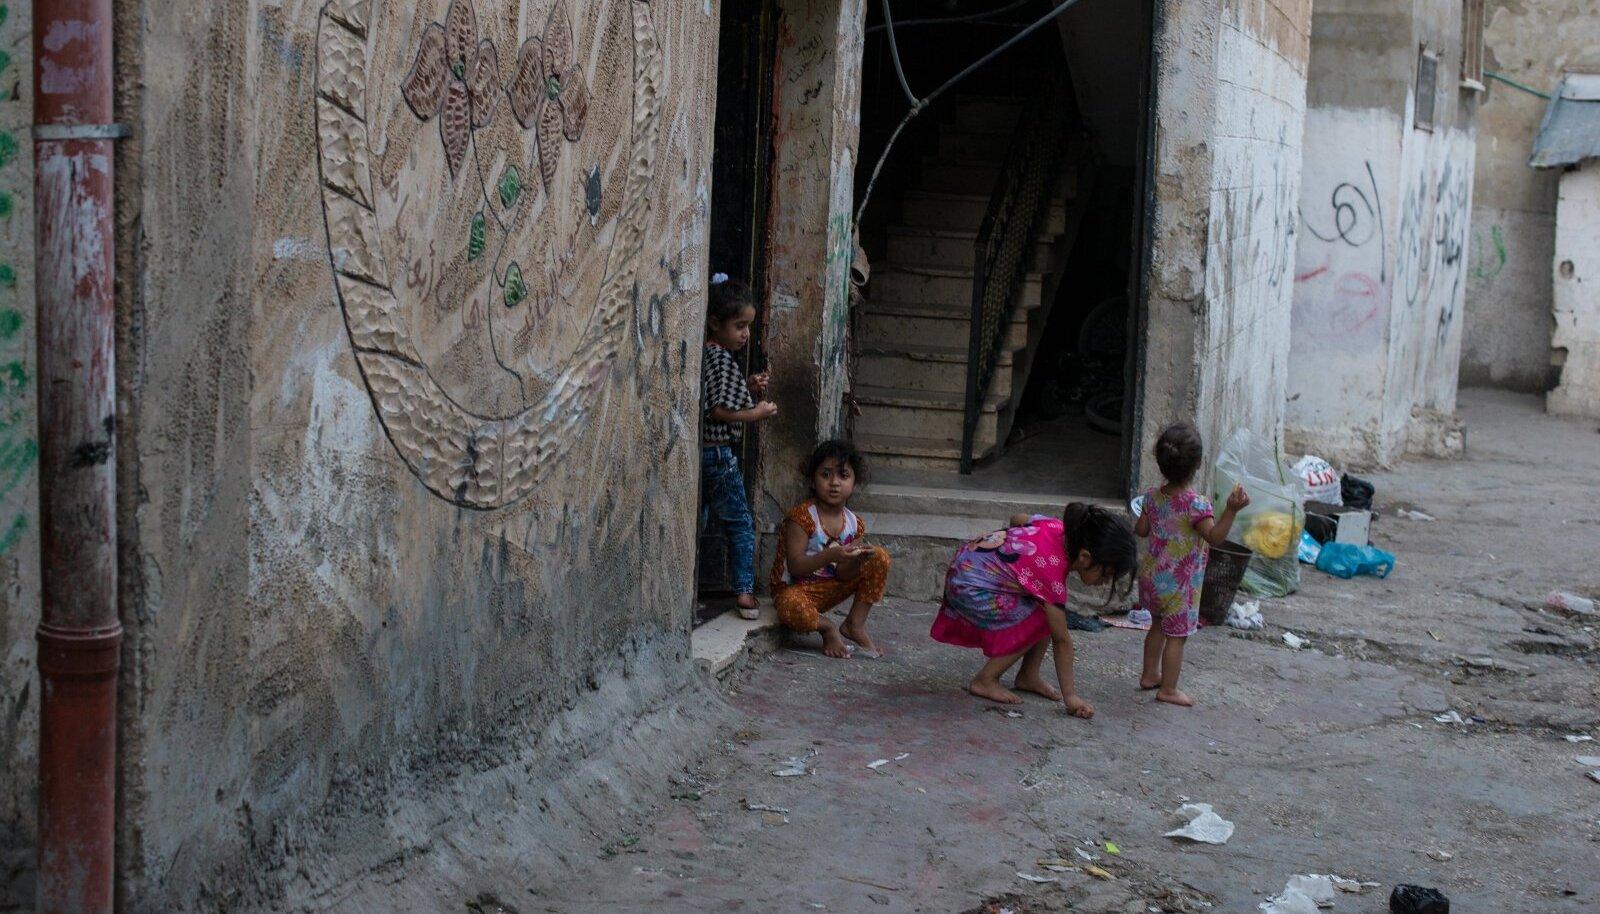 Balata pagulaslaagri tänavate ristmik ja tänaval mängivad lapsed. Foto illustratiivne